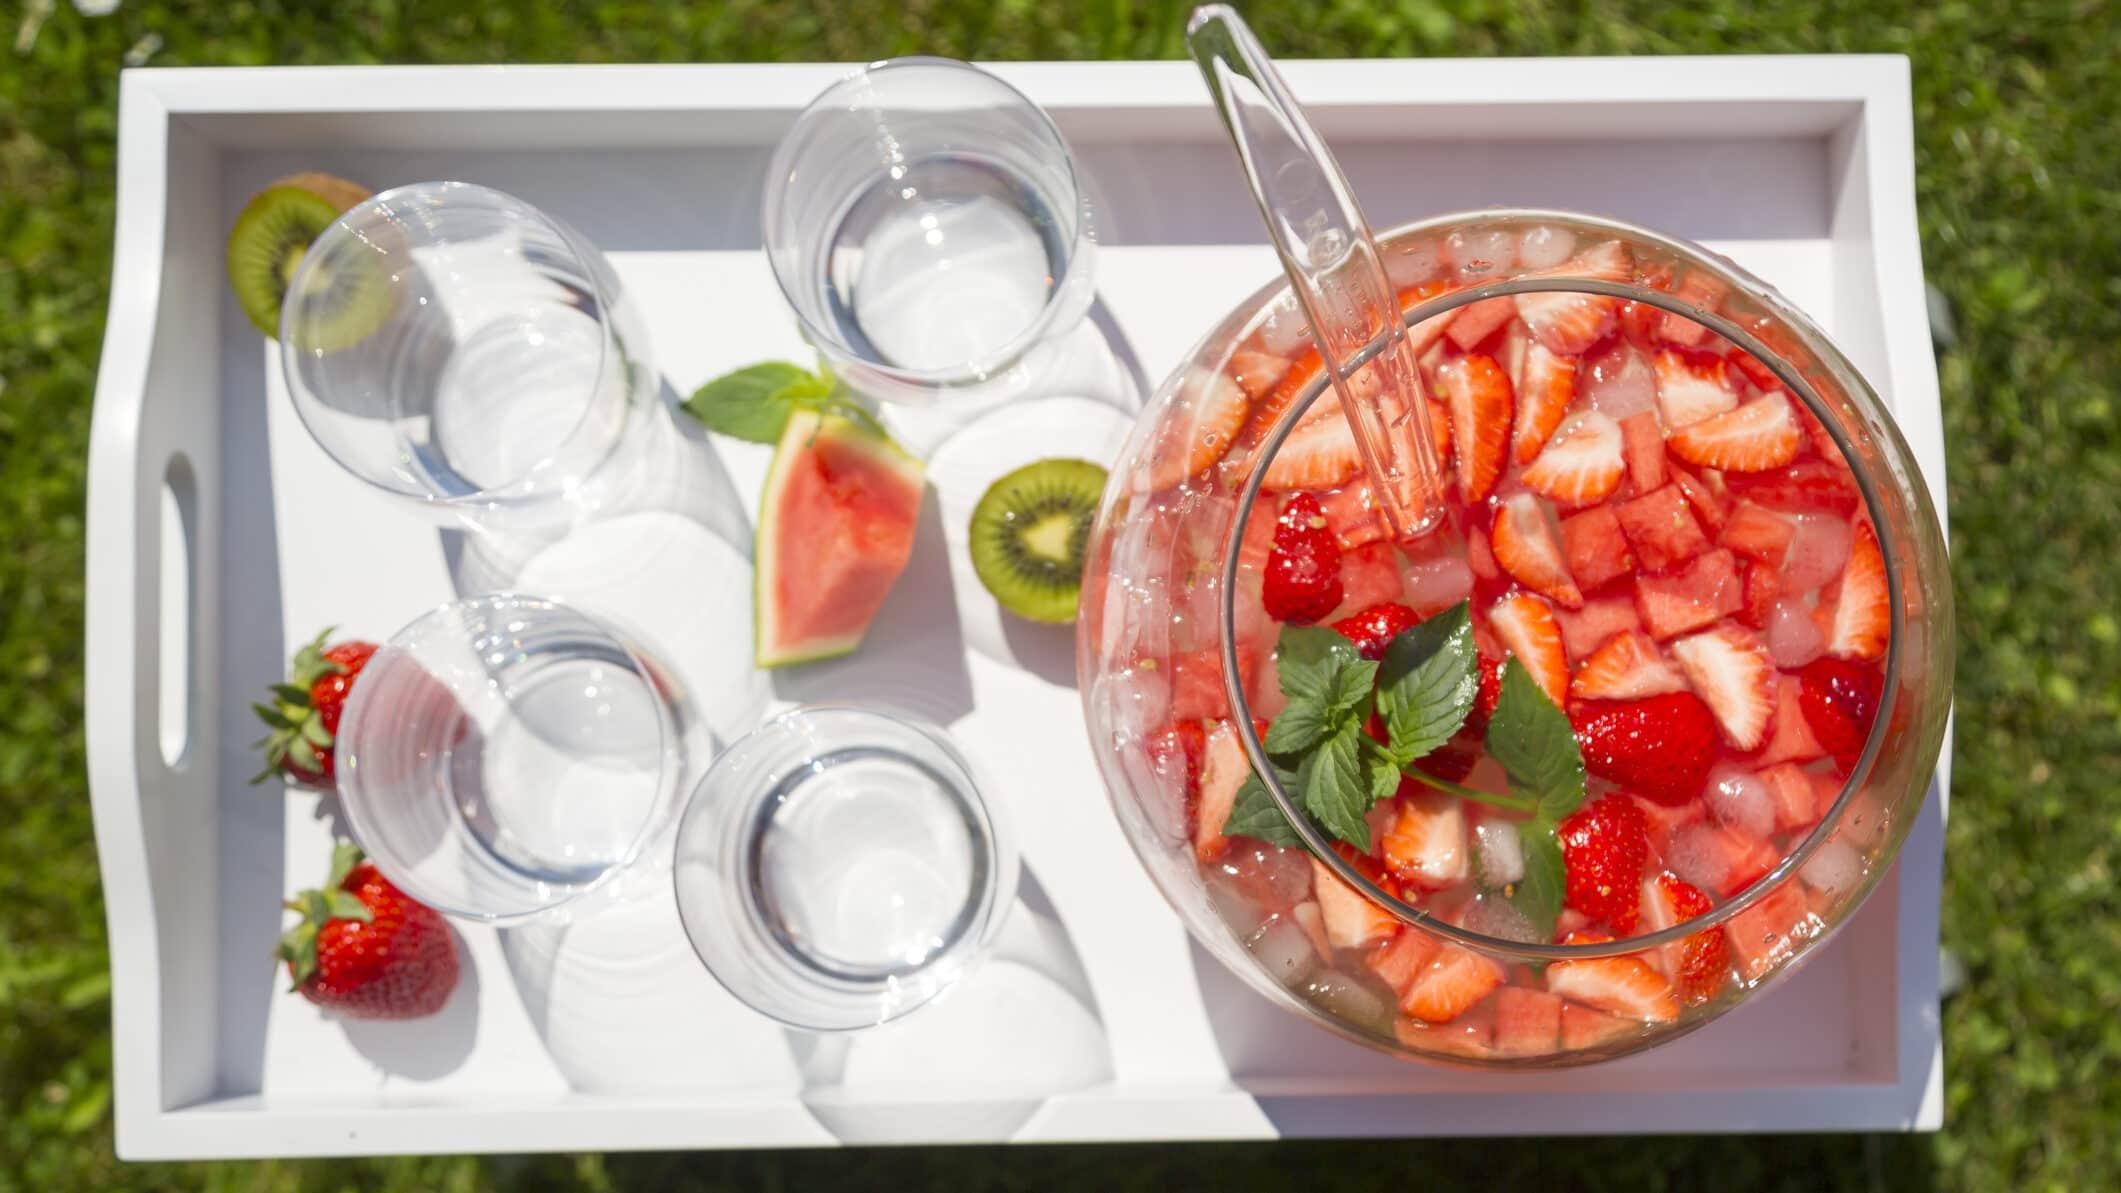 Spritzige Wassermelonen-Bowle in großem Gefäß, daneben Gläser